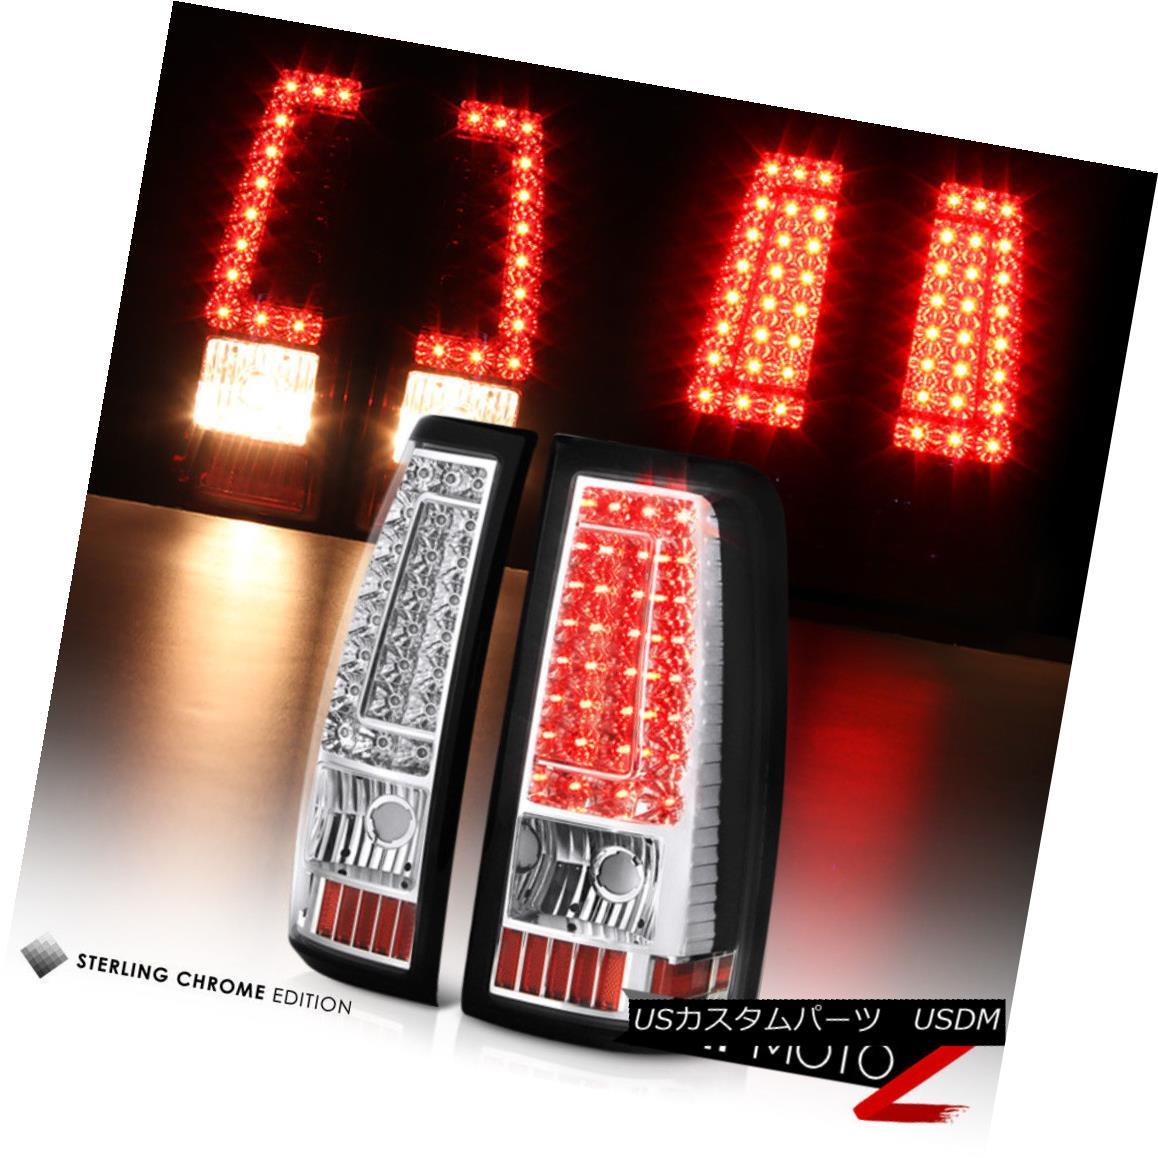 テールライト 2003 2004 2005 2006 Chevrolet Silverado Chrome LED Brake Tail Lights Assembly 2003 2004 2005 2006 Chevrolet Silverado Chrome LEDブレーキテールライトアセンブリ